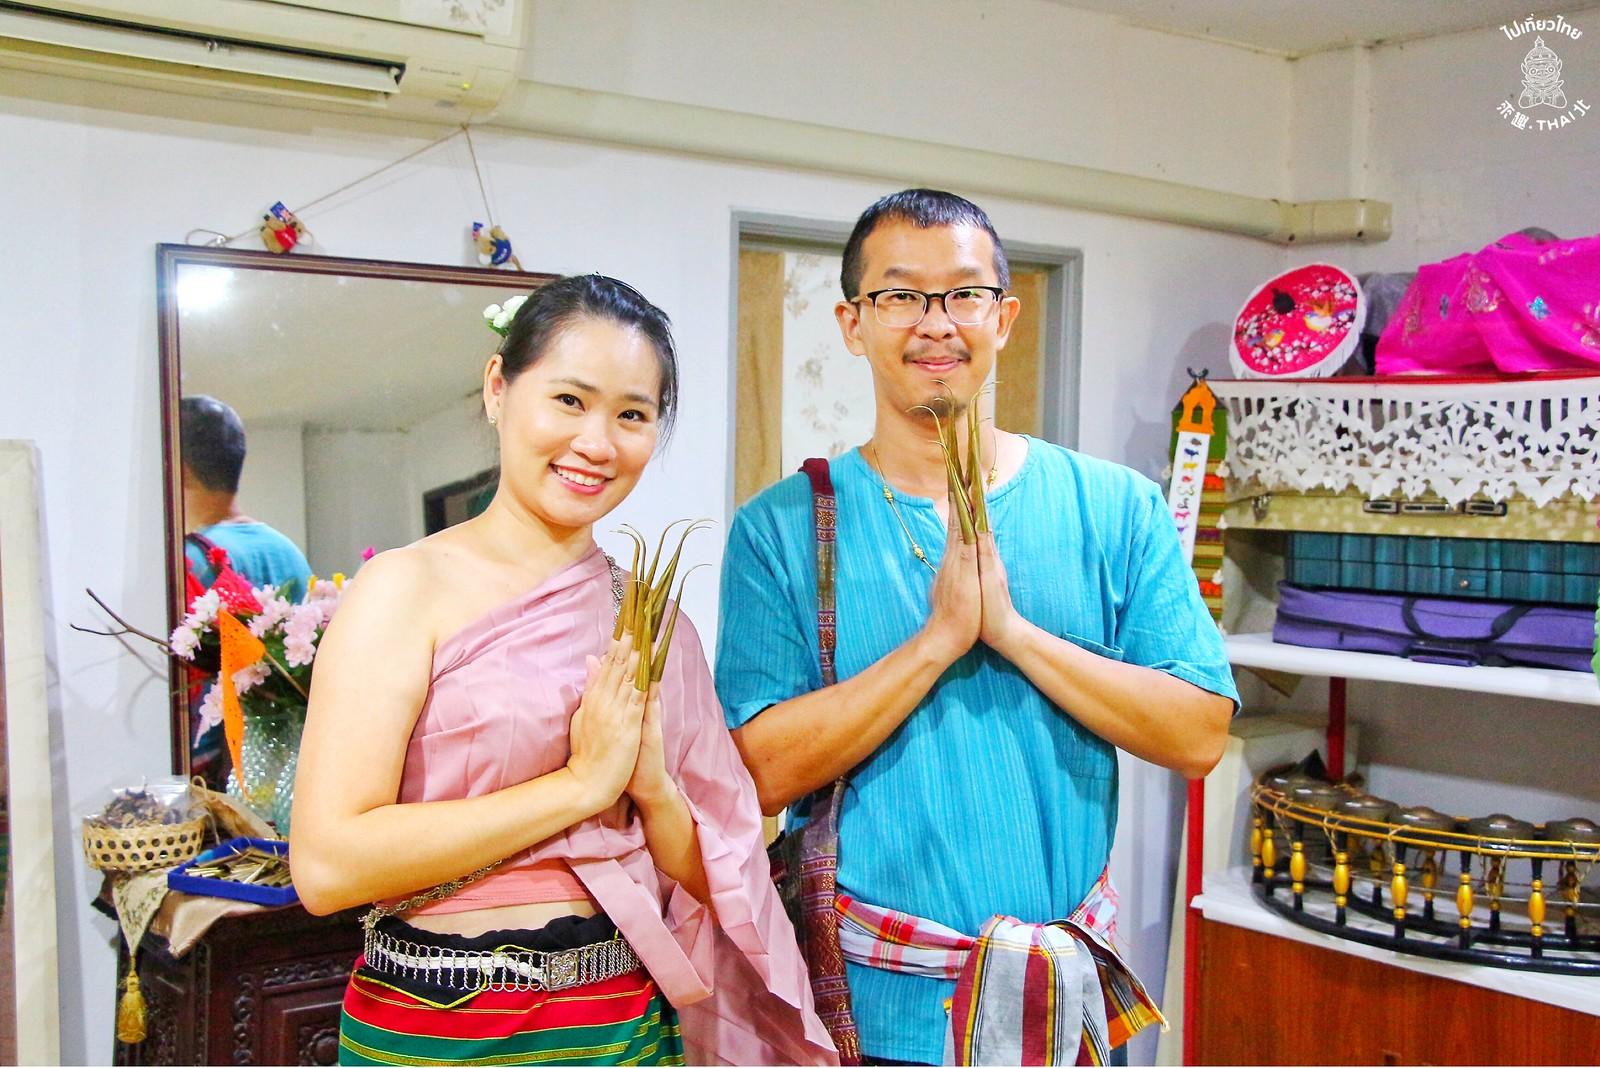 清邁獨家「泰國.傳統舞蹈及樂器體驗課程」